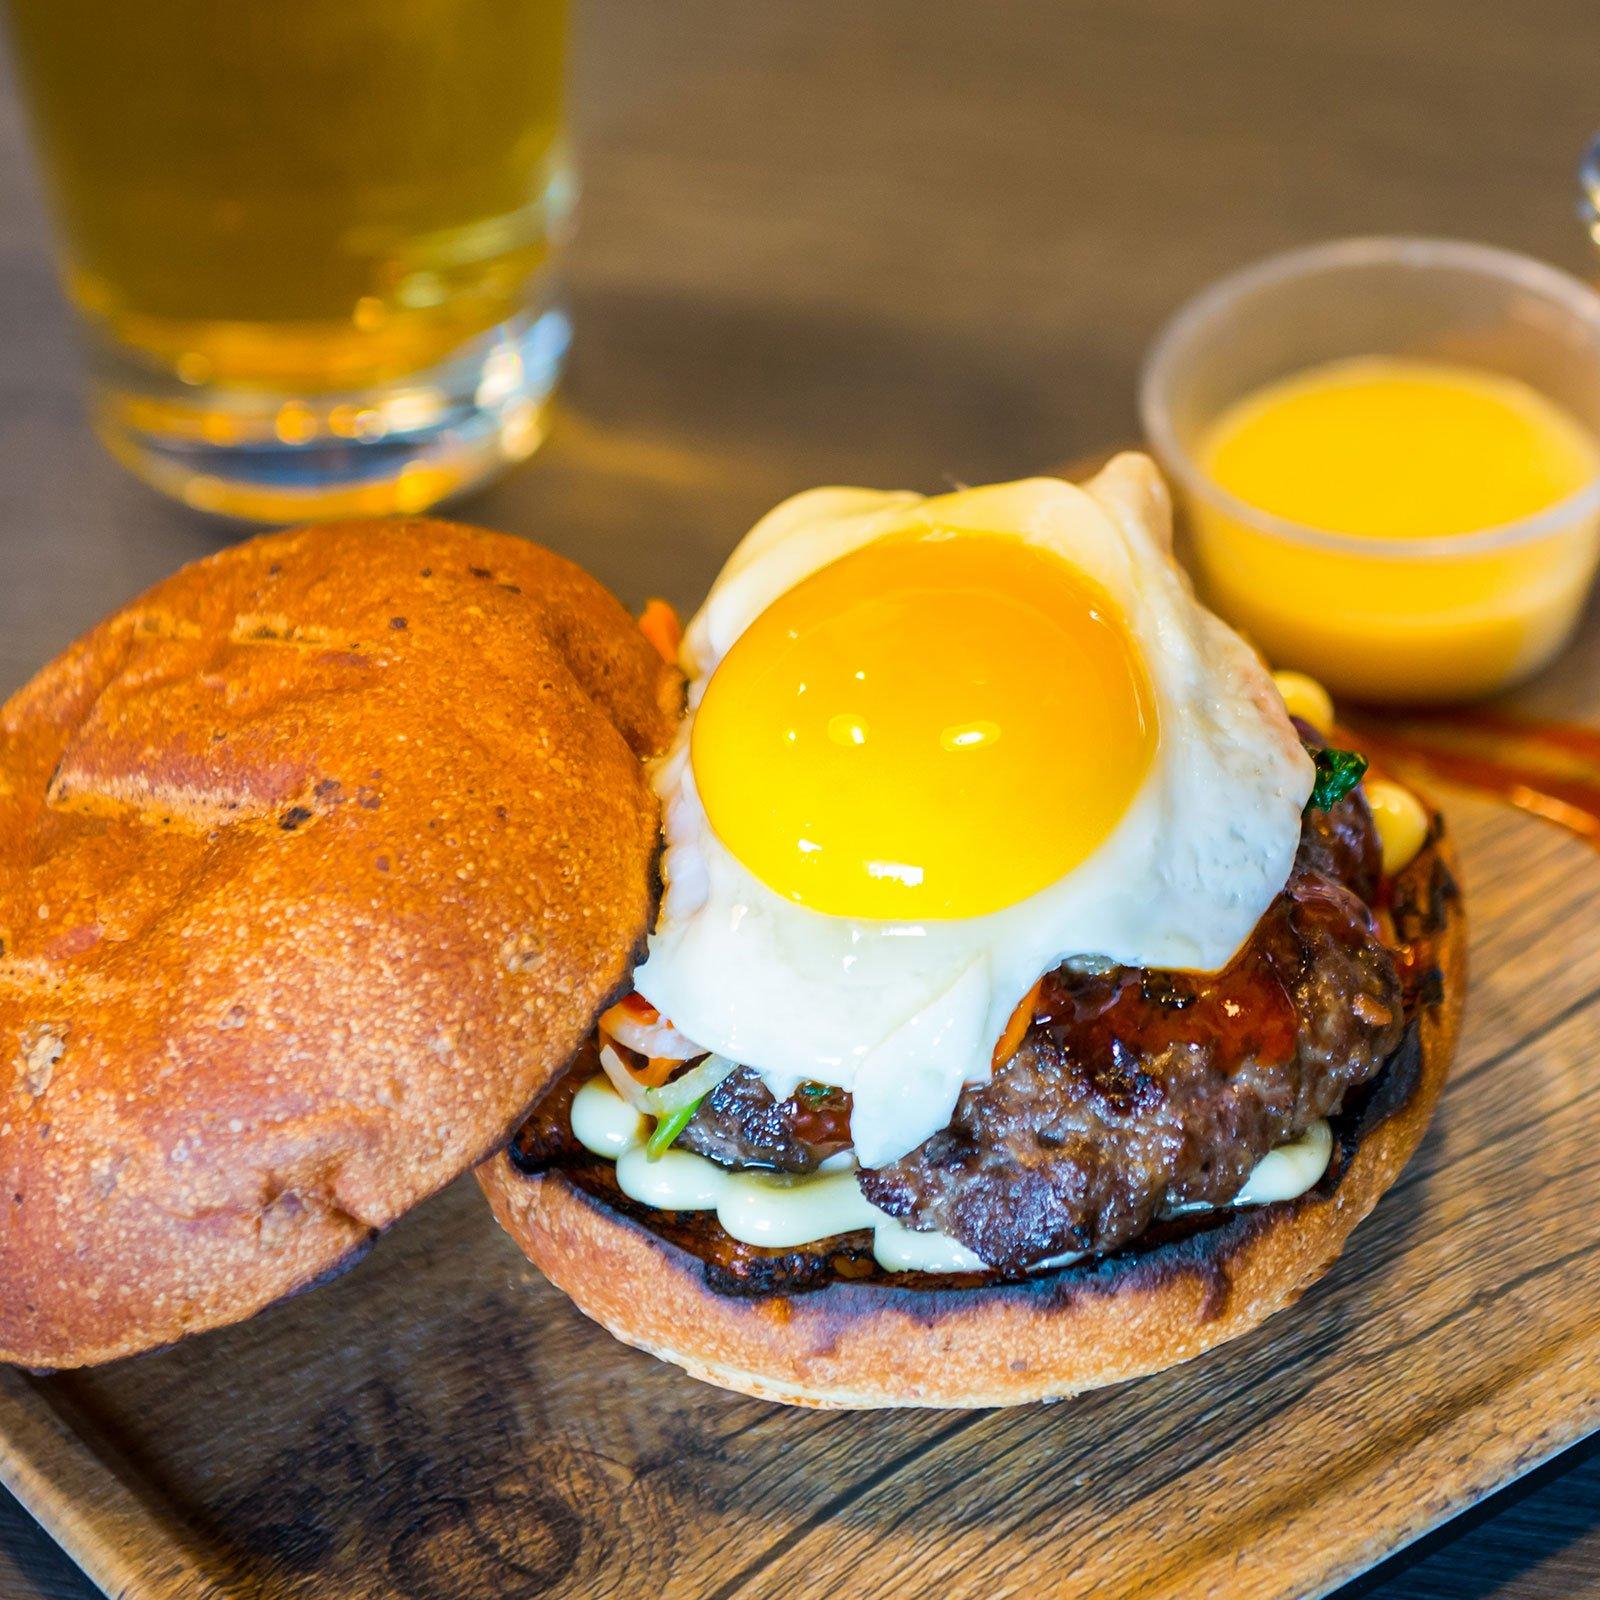 The Box & Burgers Eatery Bi Bim Bap Burger